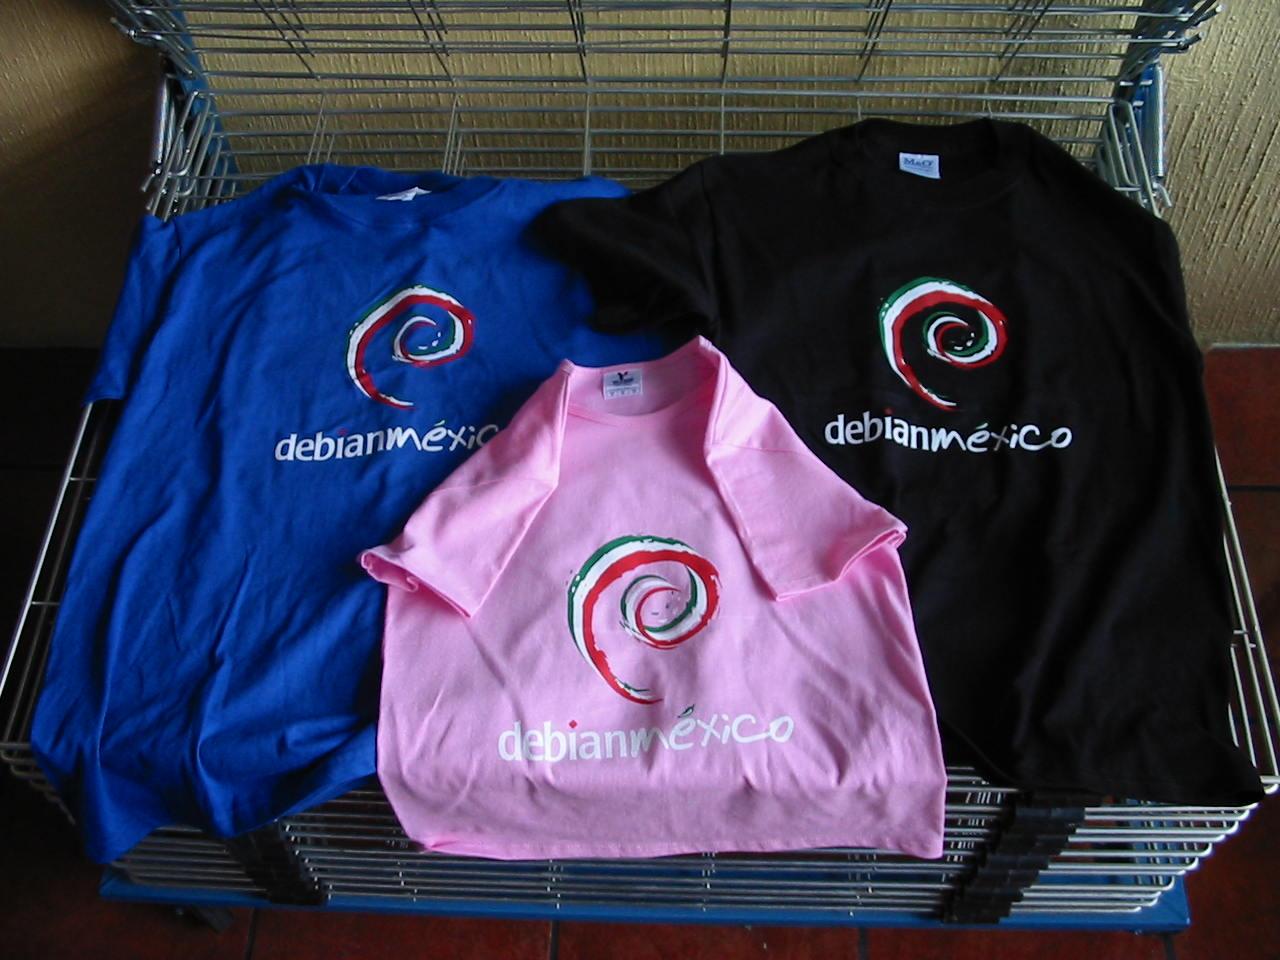 Debianmexico T-shirts